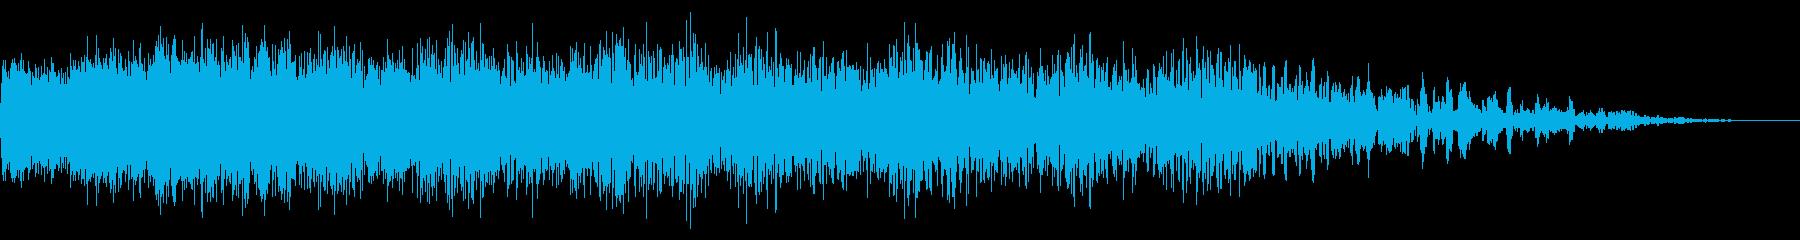 機械ダウン、壊れるA07の再生済みの波形